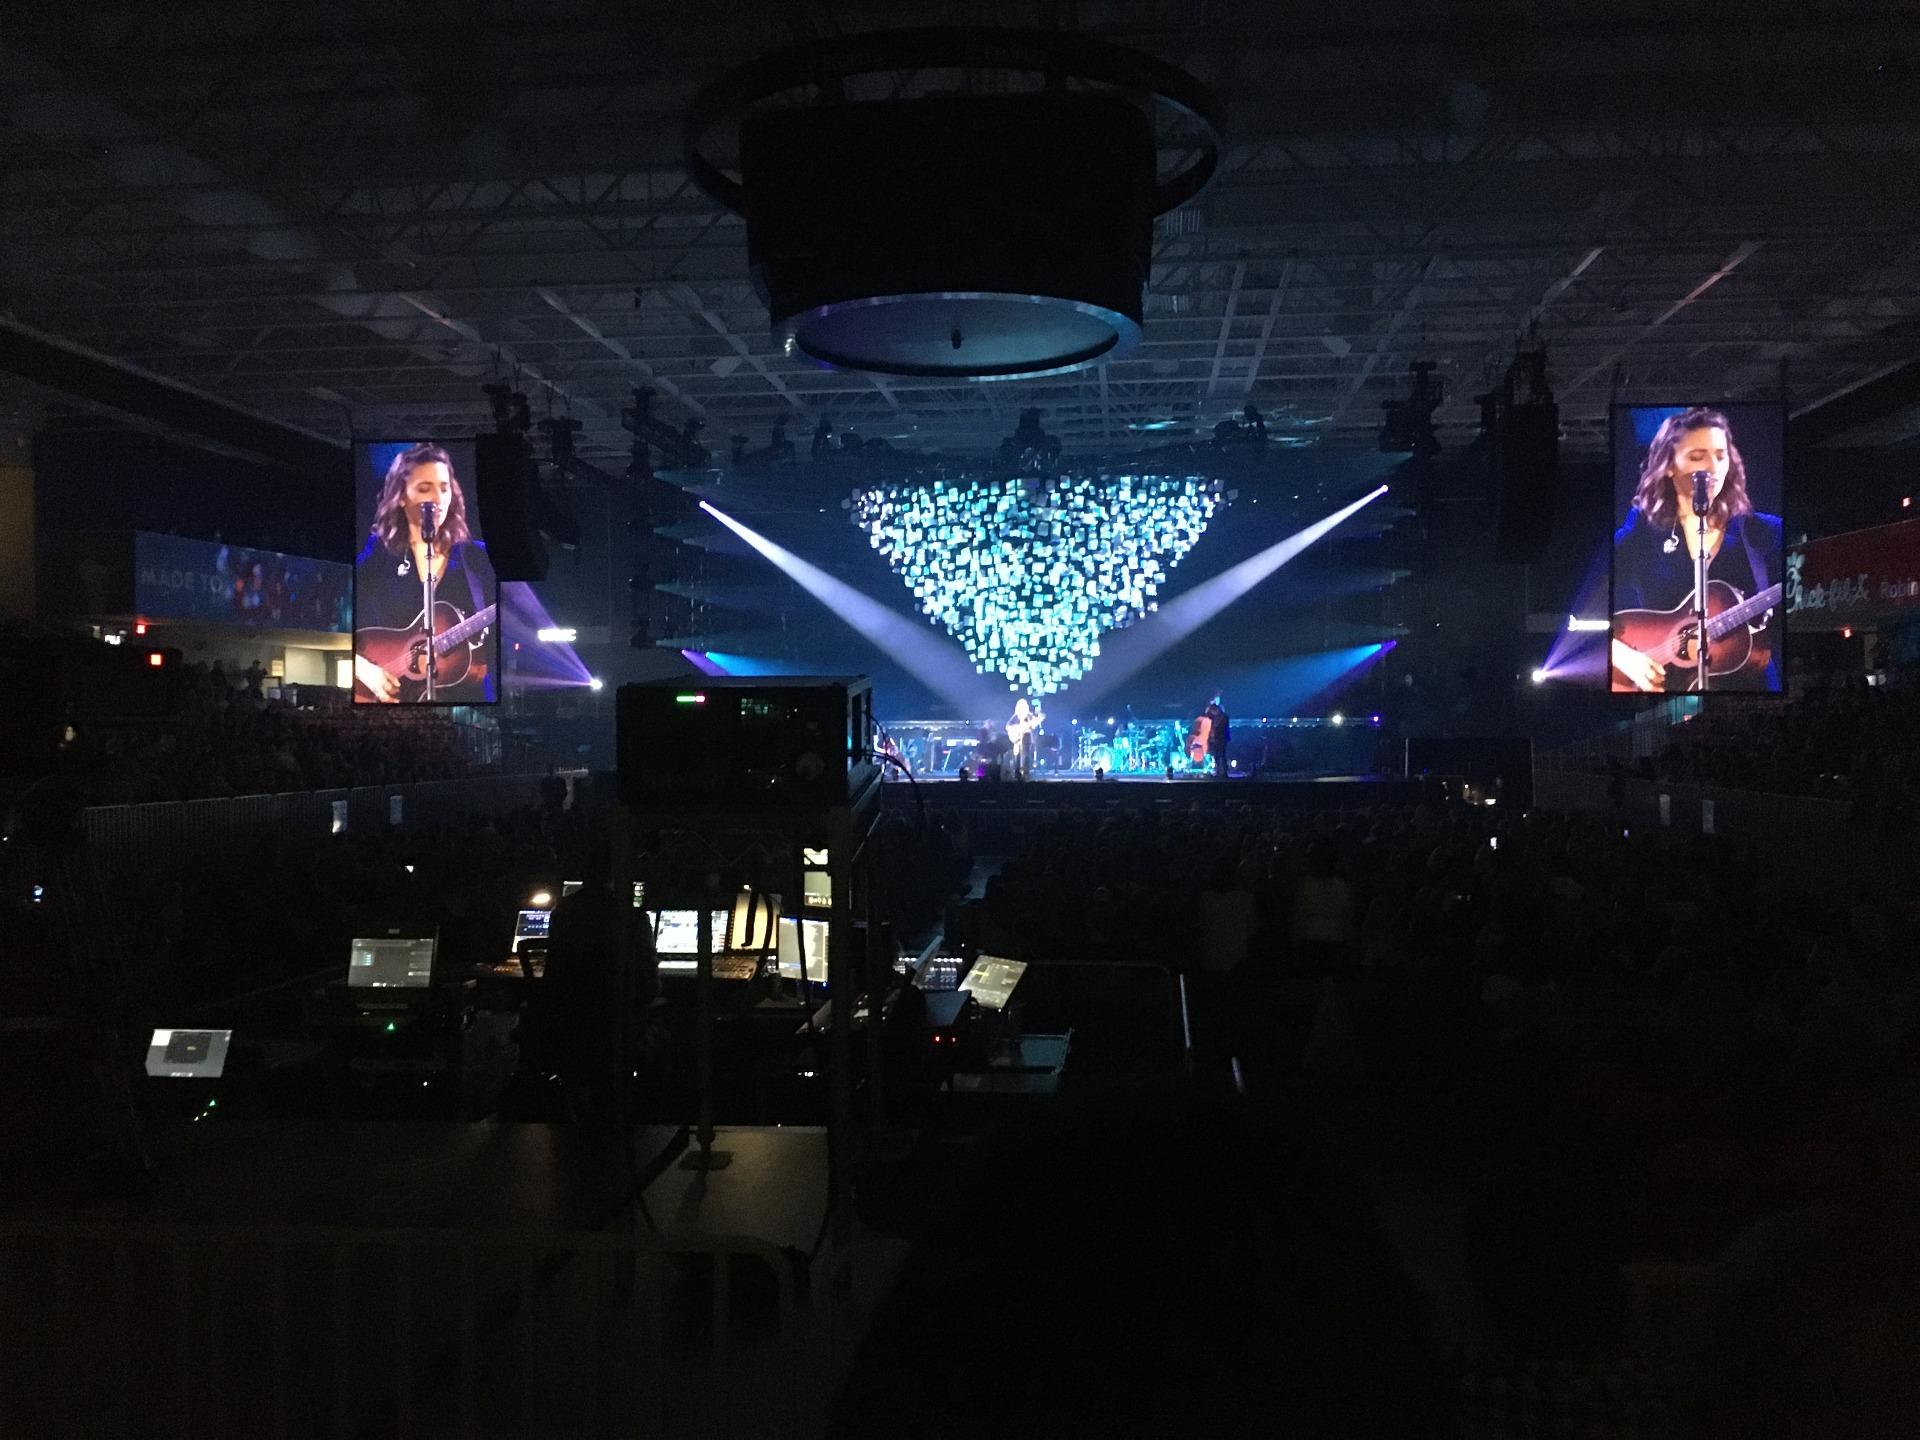 UPMC Events Center Secção 110 Fila D Lugar 6